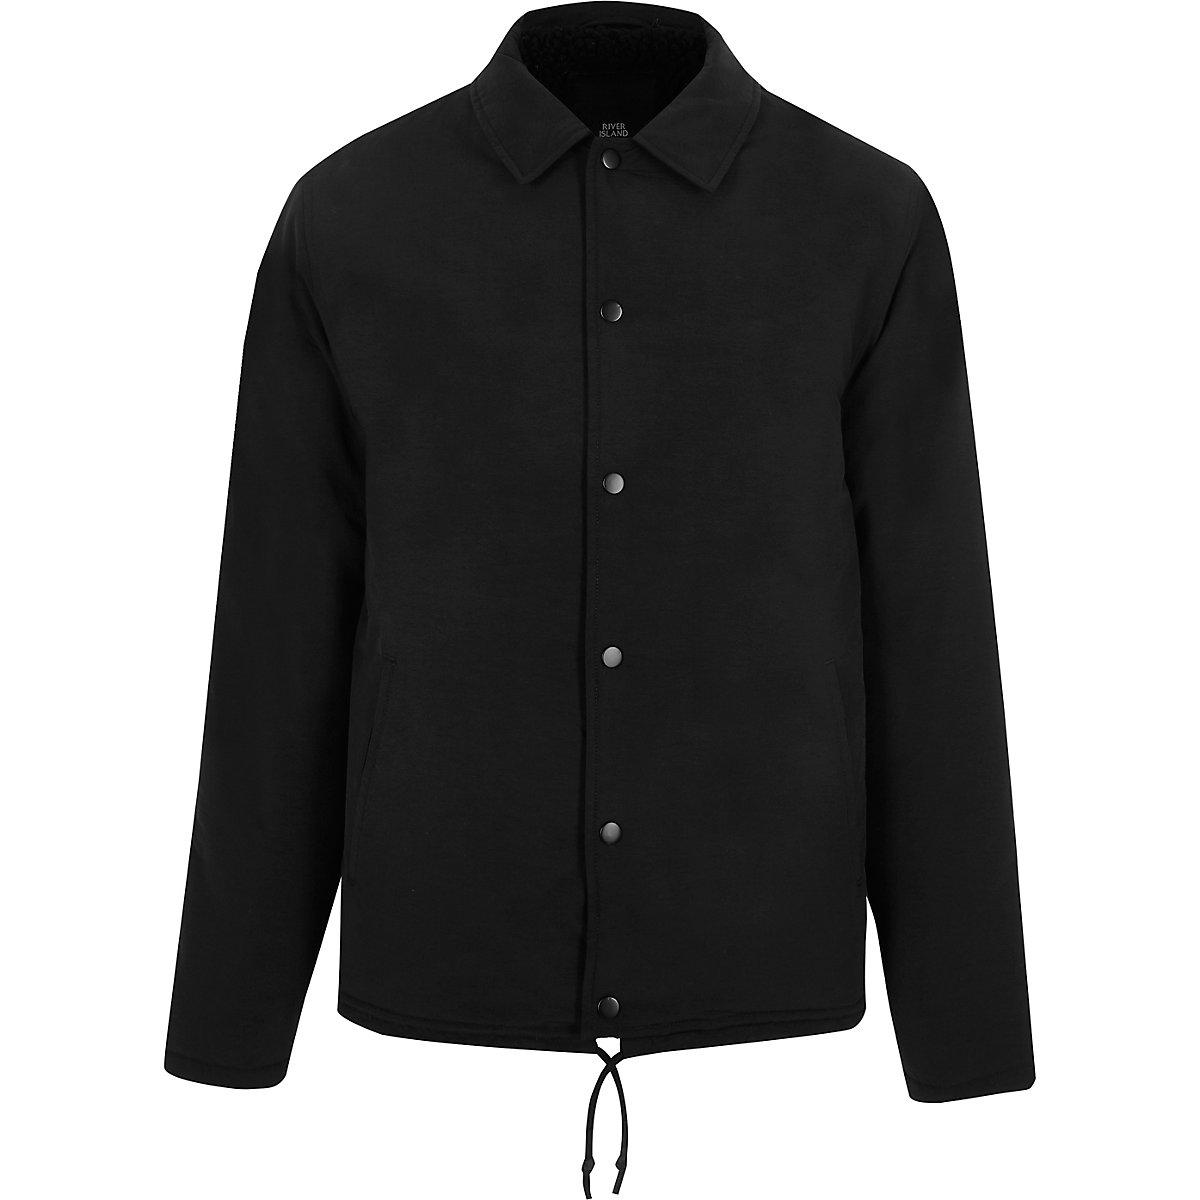 Black fleece lined coach jacket